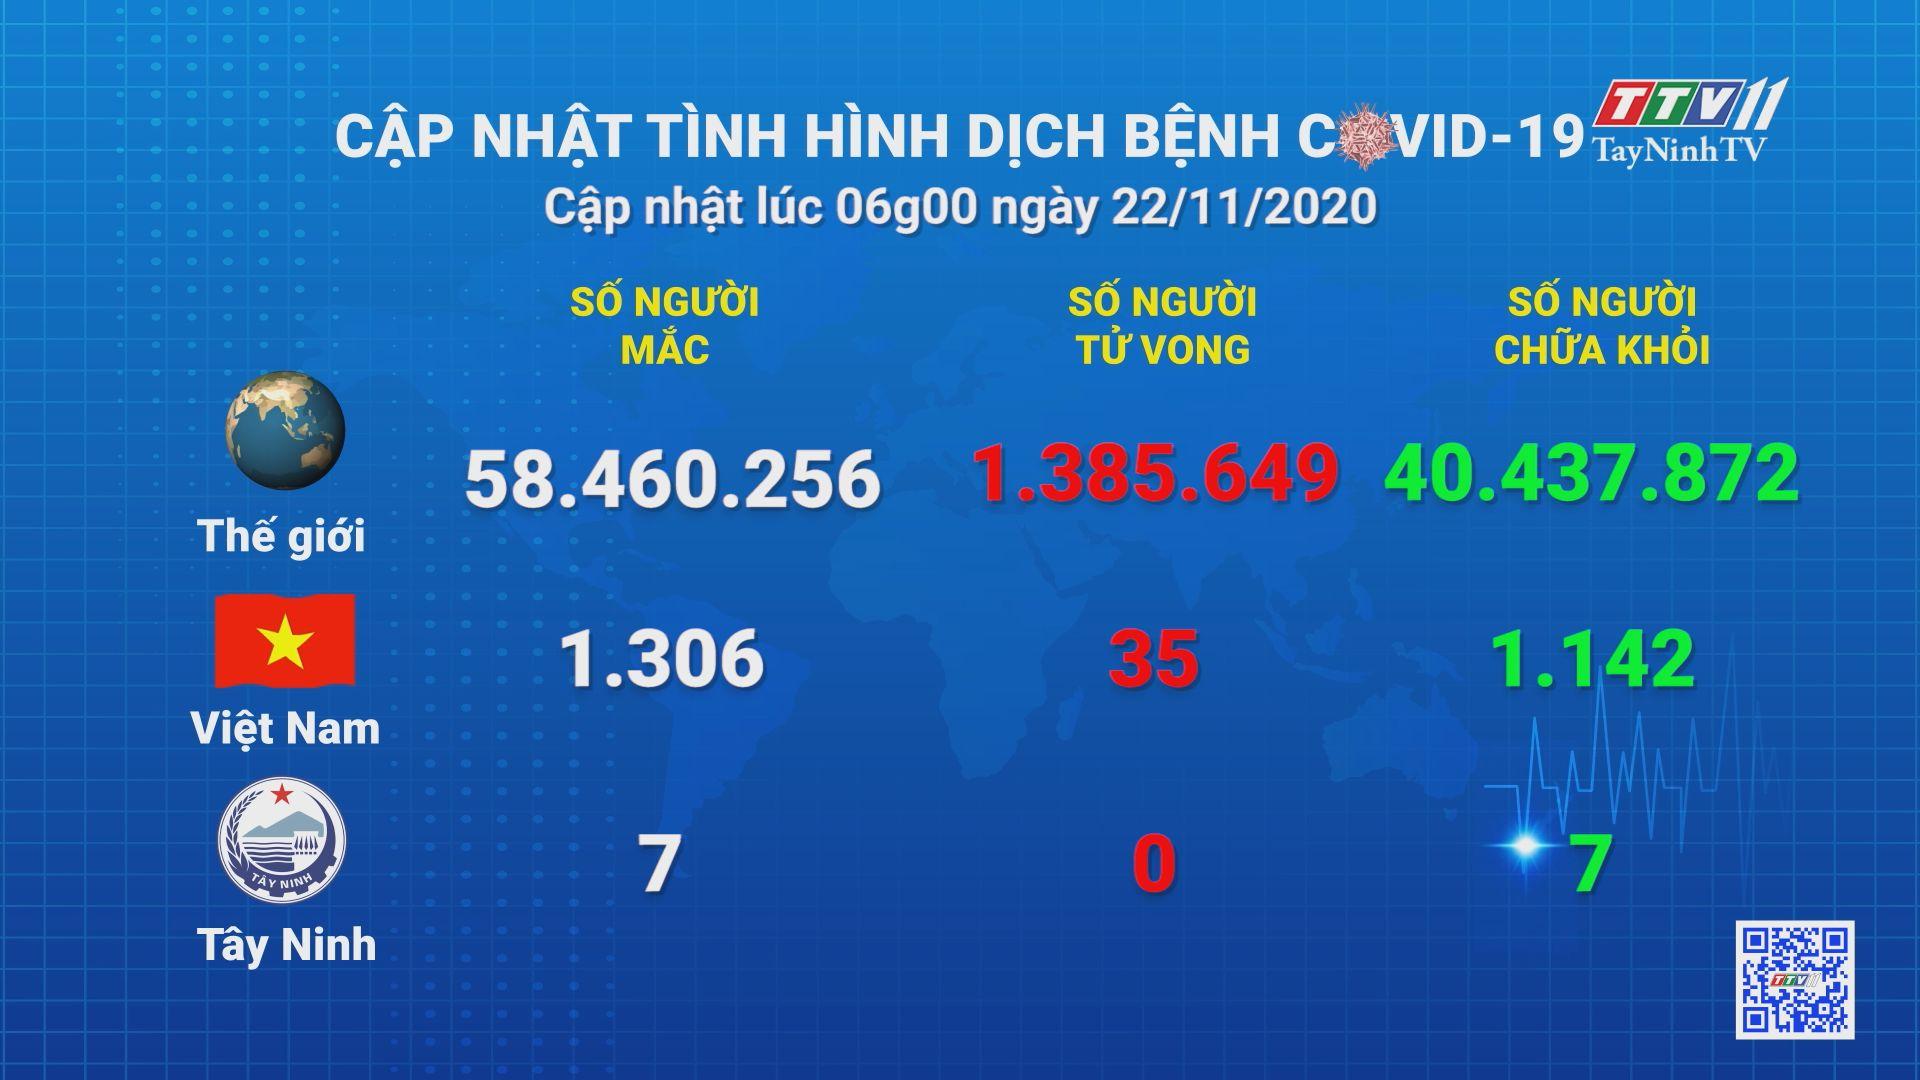 Cập nhật tình hình Covid-19 vào lúc 06 giờ 22-11-2020 | Thông tin dịch Covid-19 | TayNinhTV